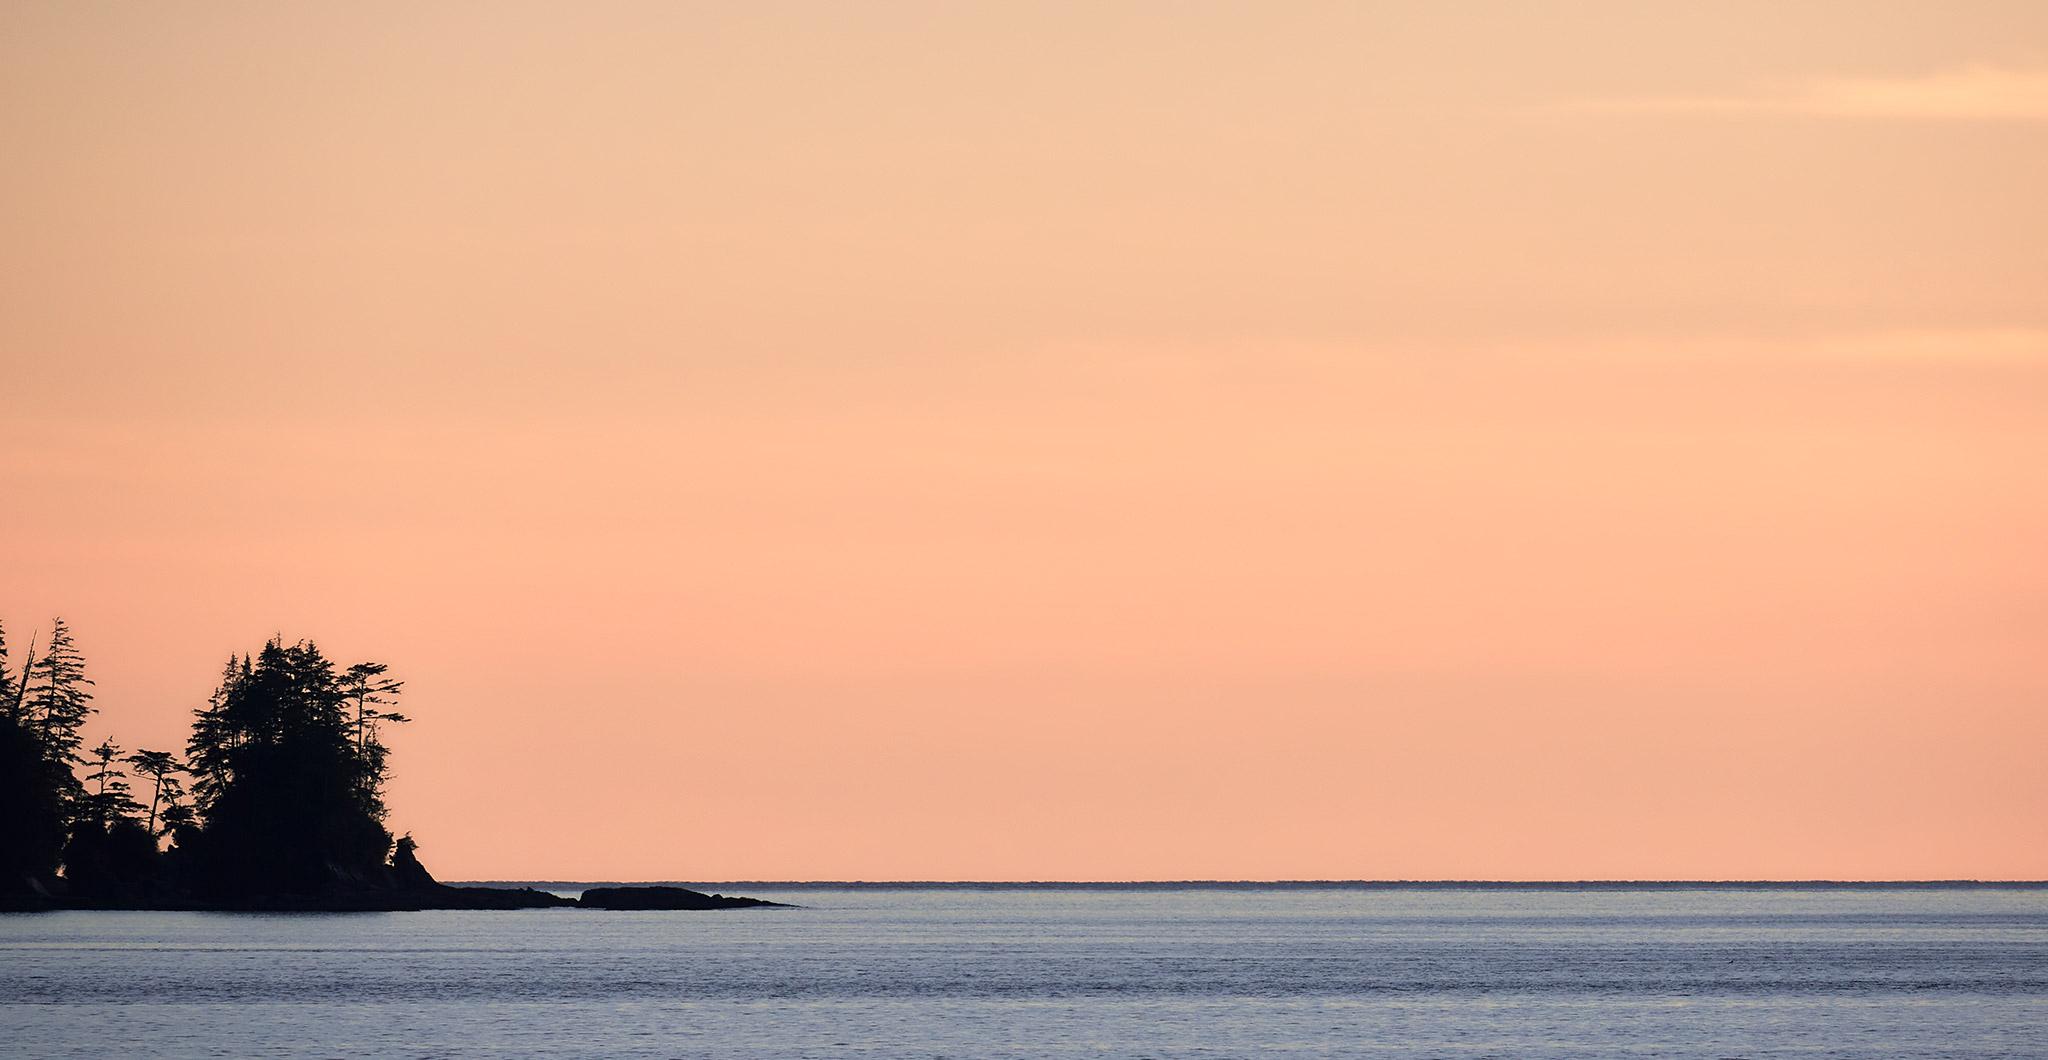 Port Renfrew Evening ©johncameron.ca